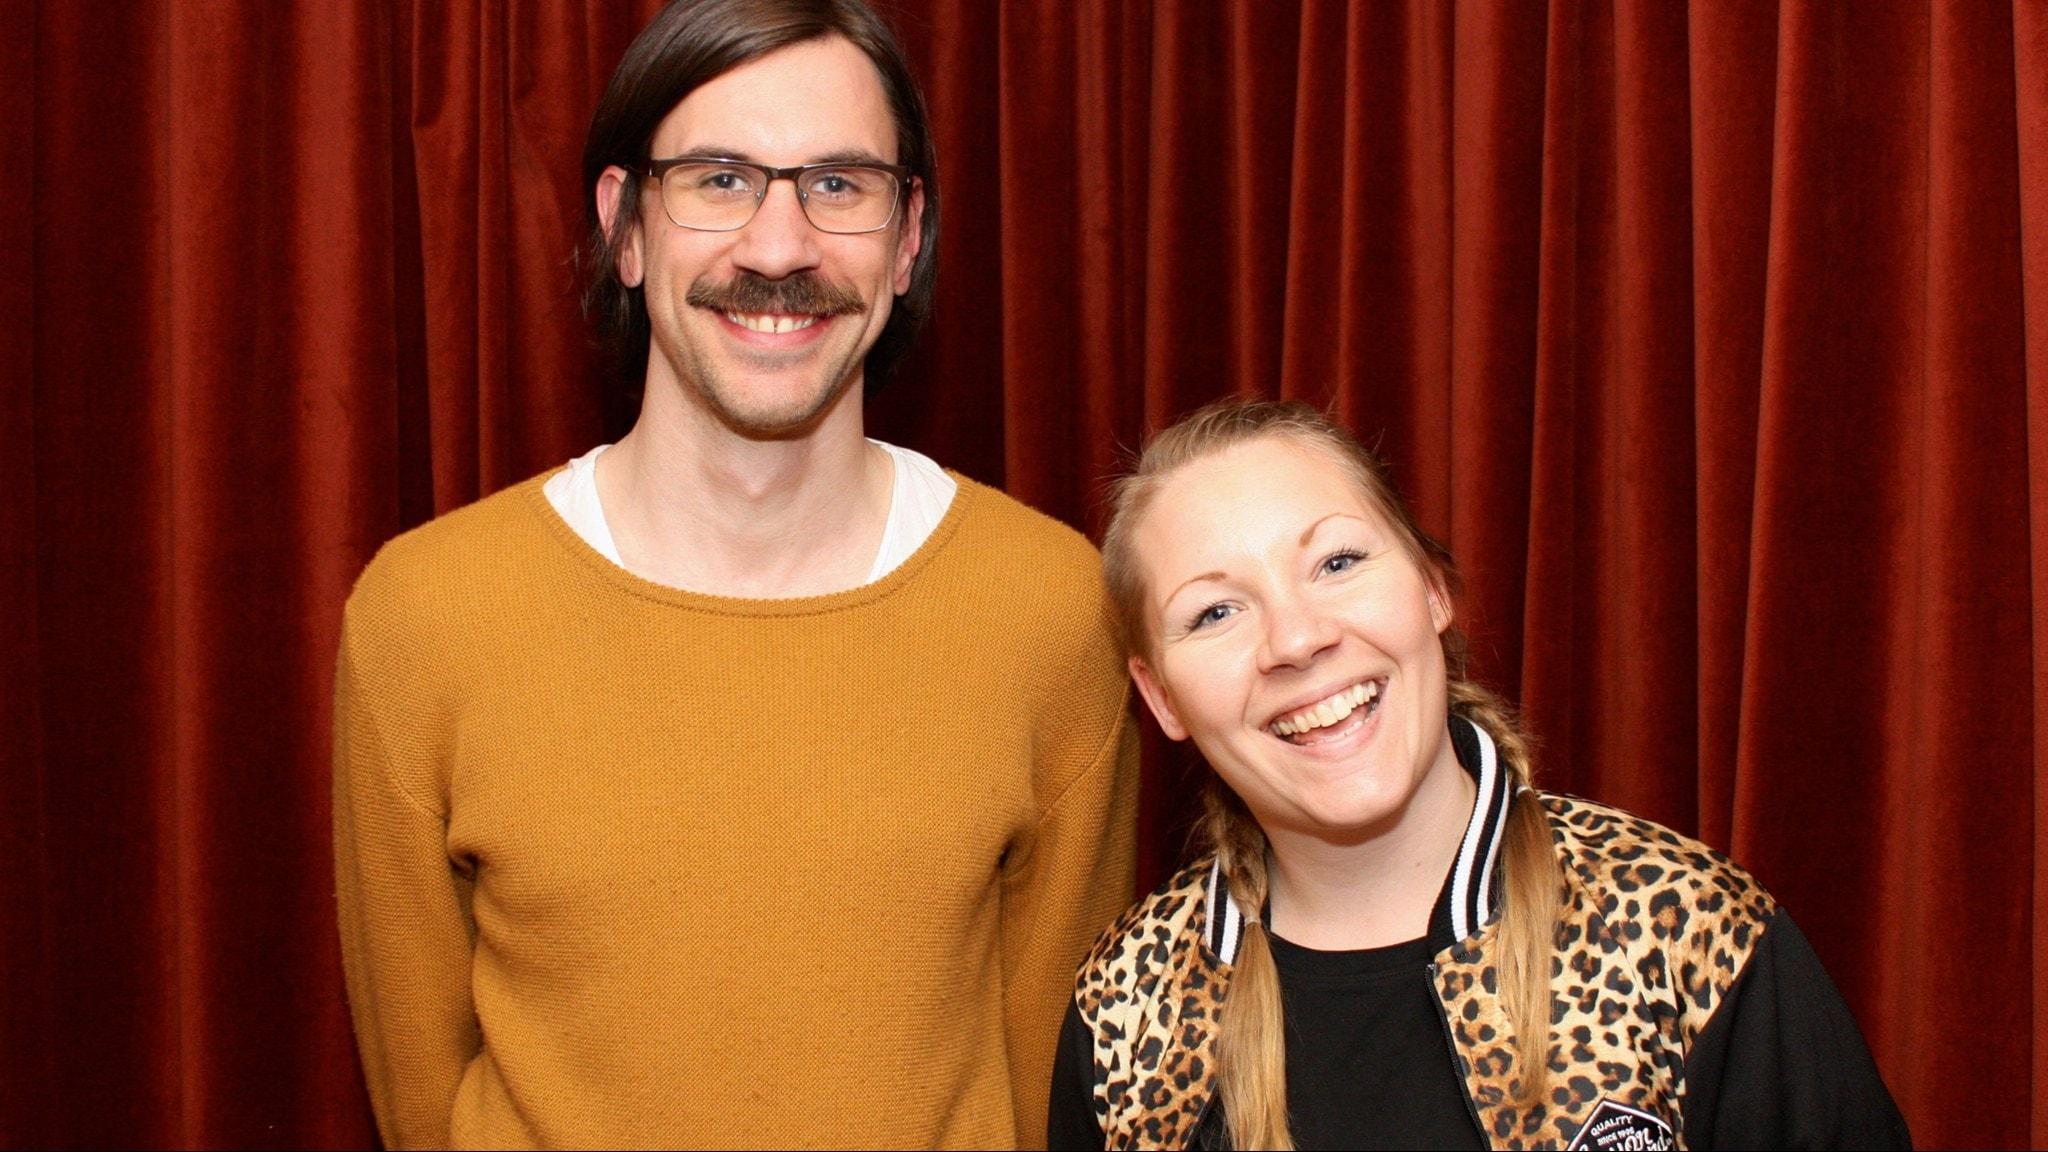 Filip Jers och Sanna Andersson foto: David Silva